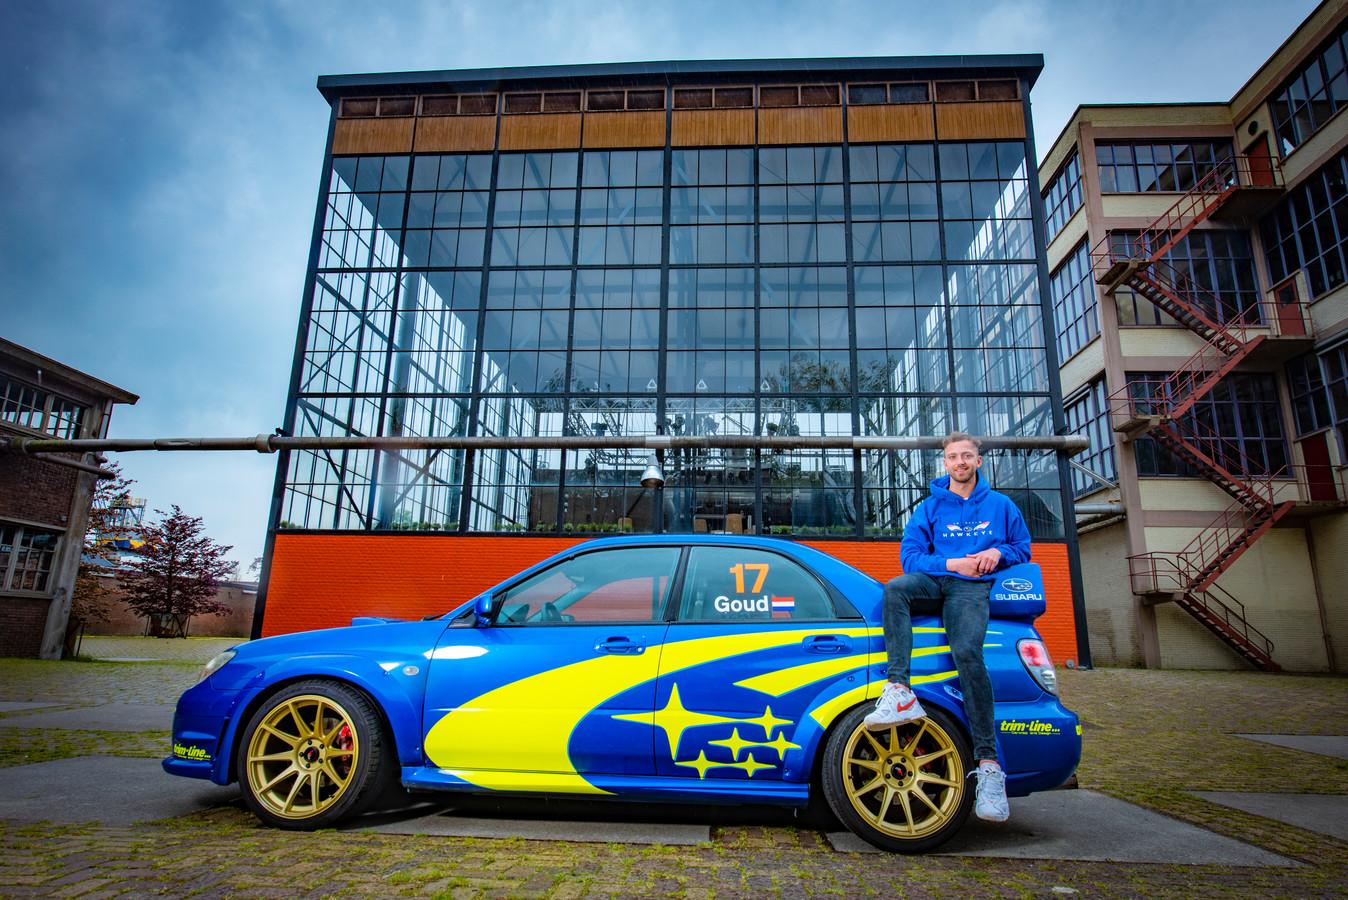 Lennart Goud met zijn Subaru Impreza.